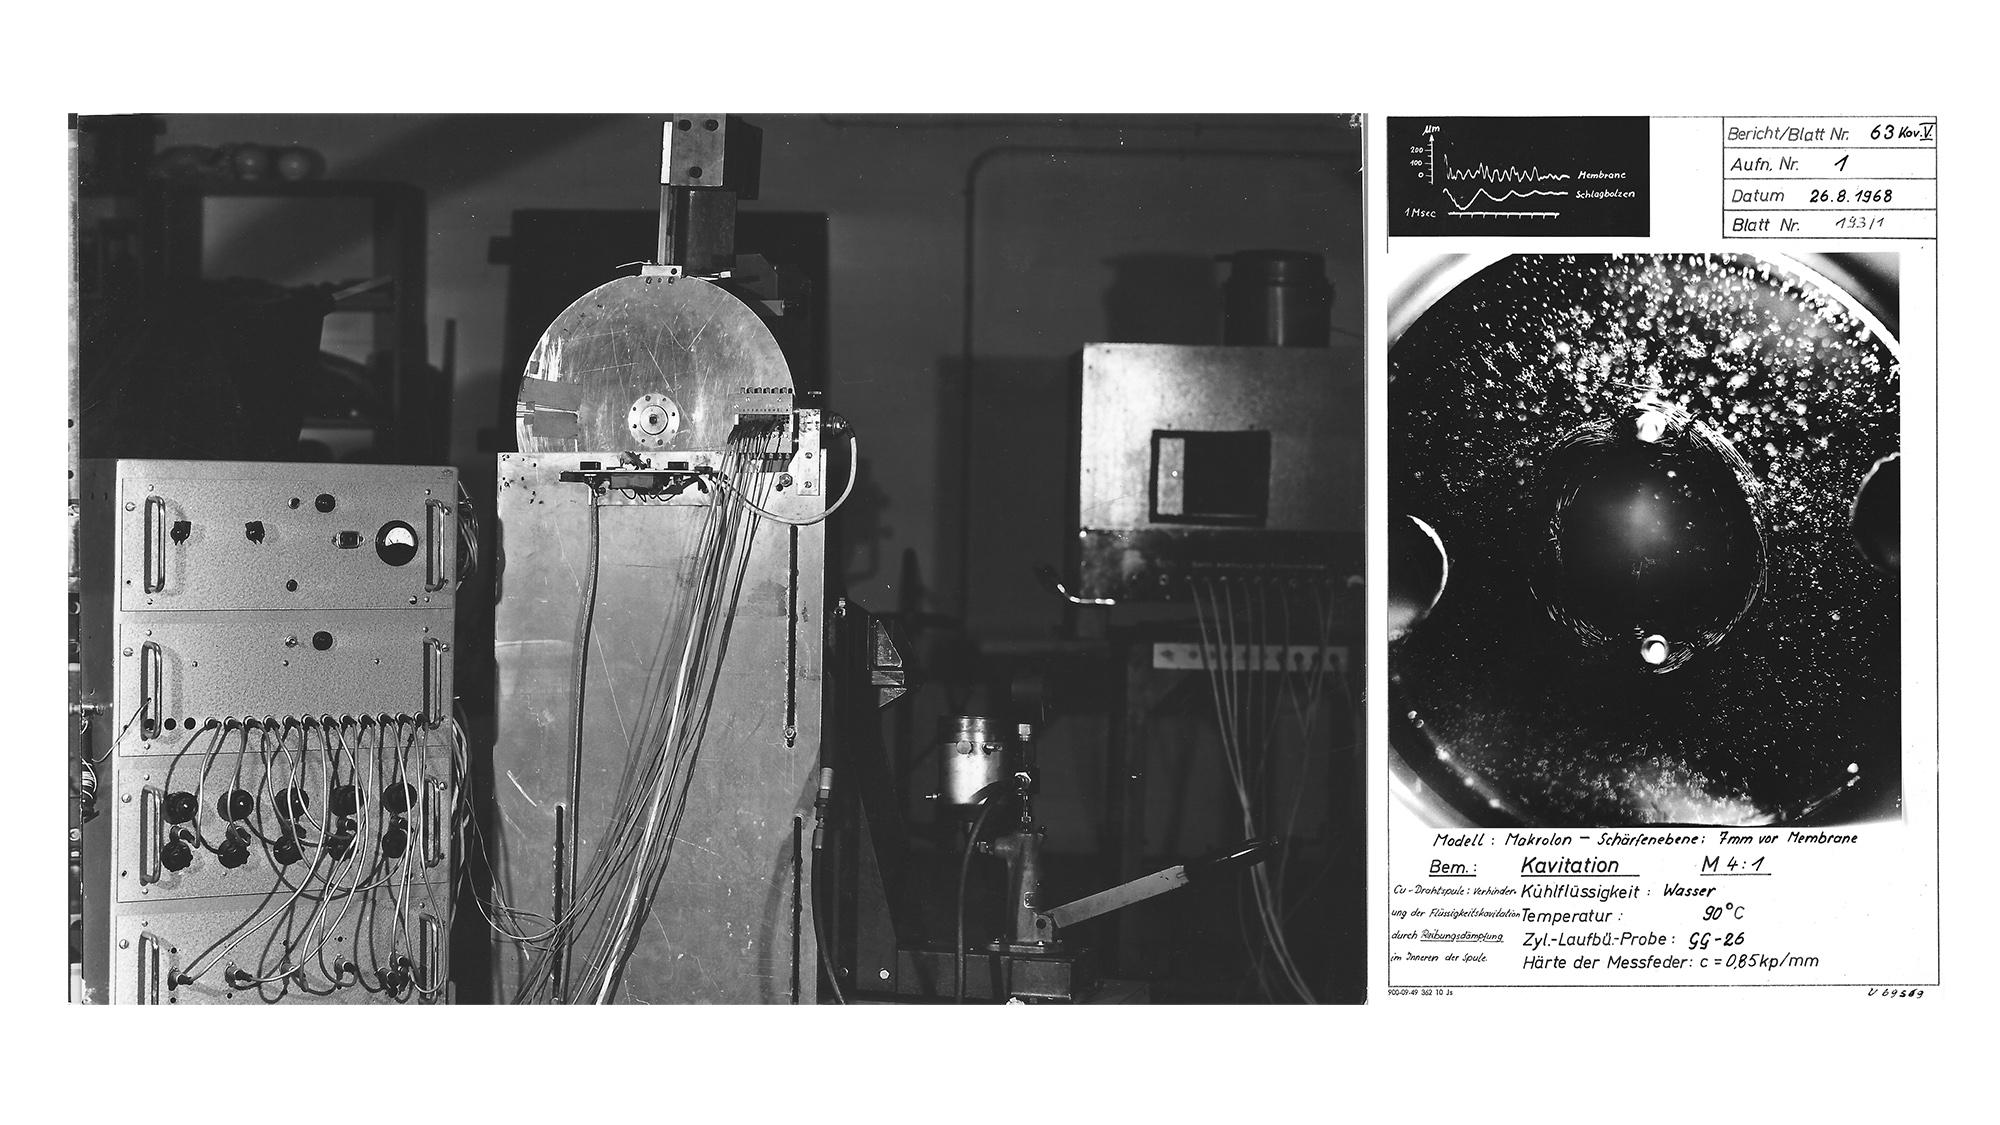 Versuchsaufbau für fotografische Dokumentation in Wankelmotoren 1968